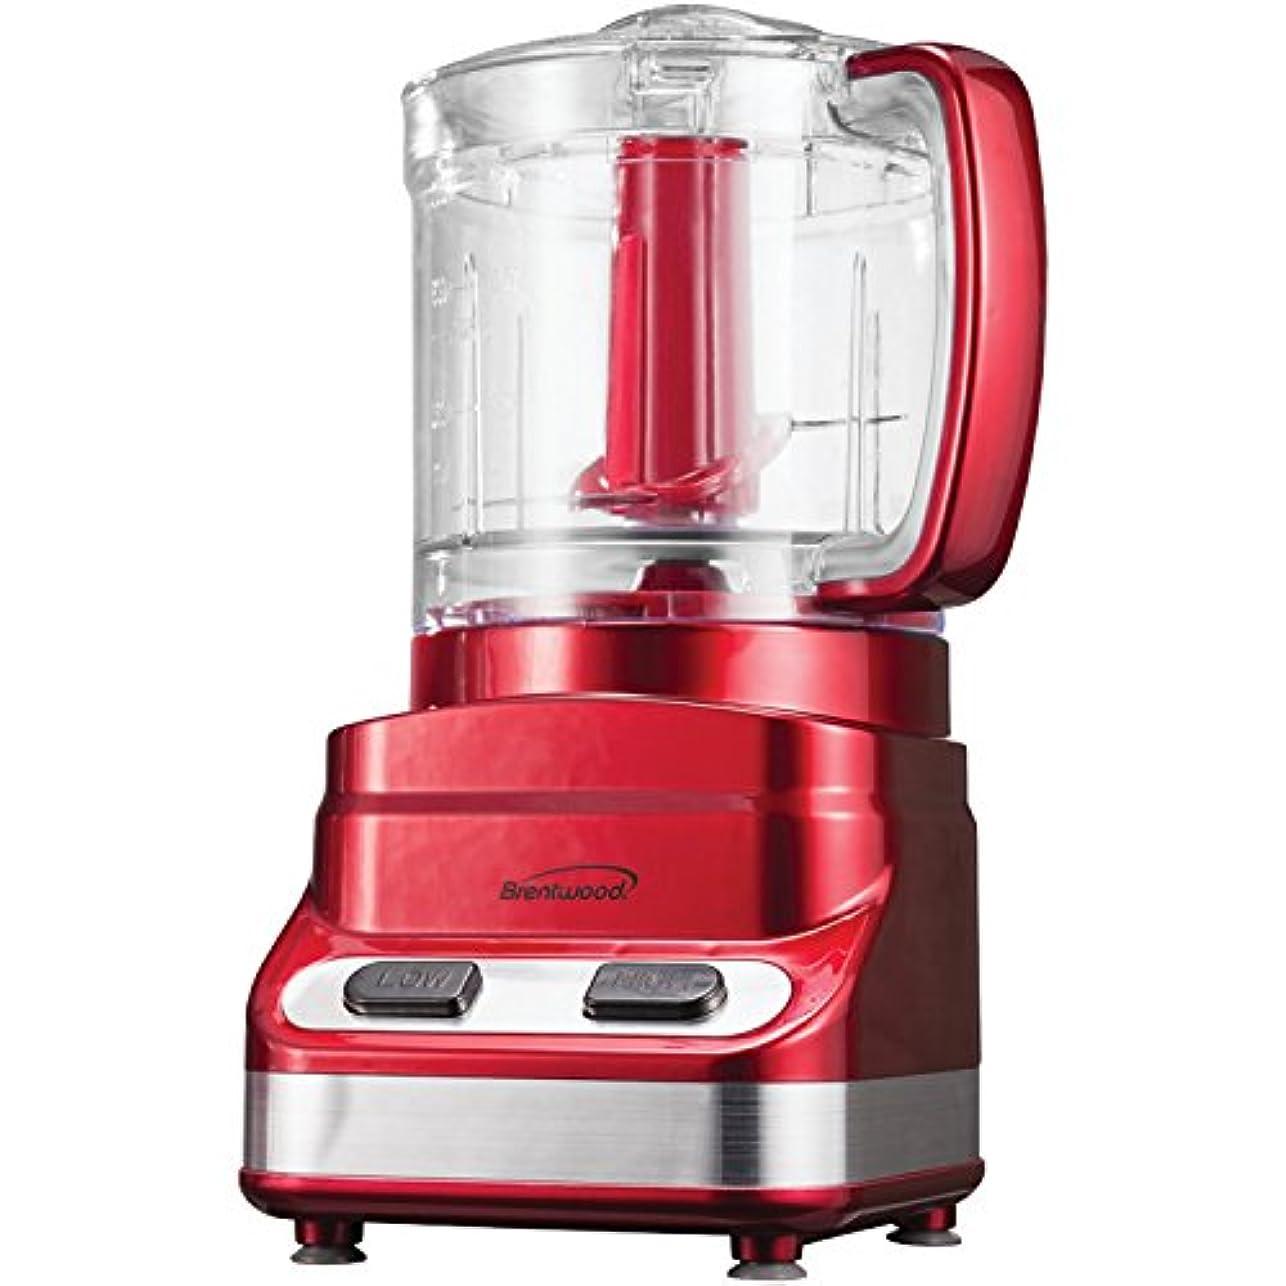 ハード側ワードローブBrentwood FP-548 3-Cup Tone Color Food Processor, Red by Brentwood